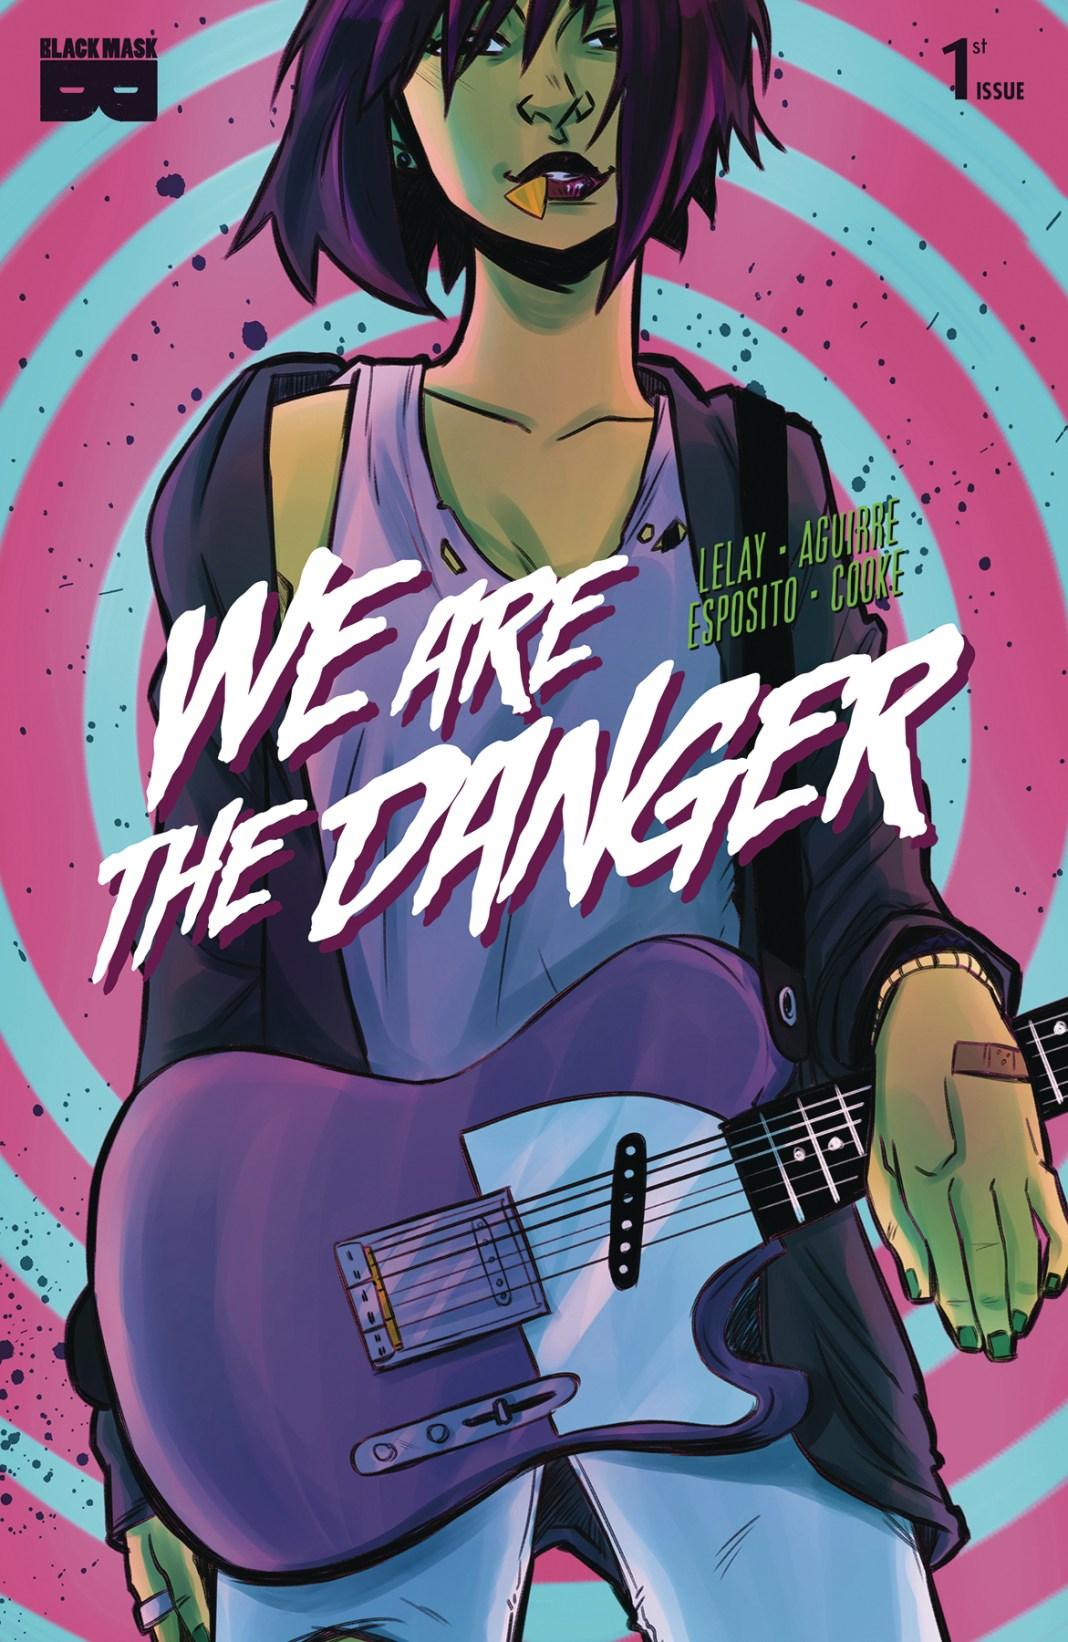 WeAretheDanger1